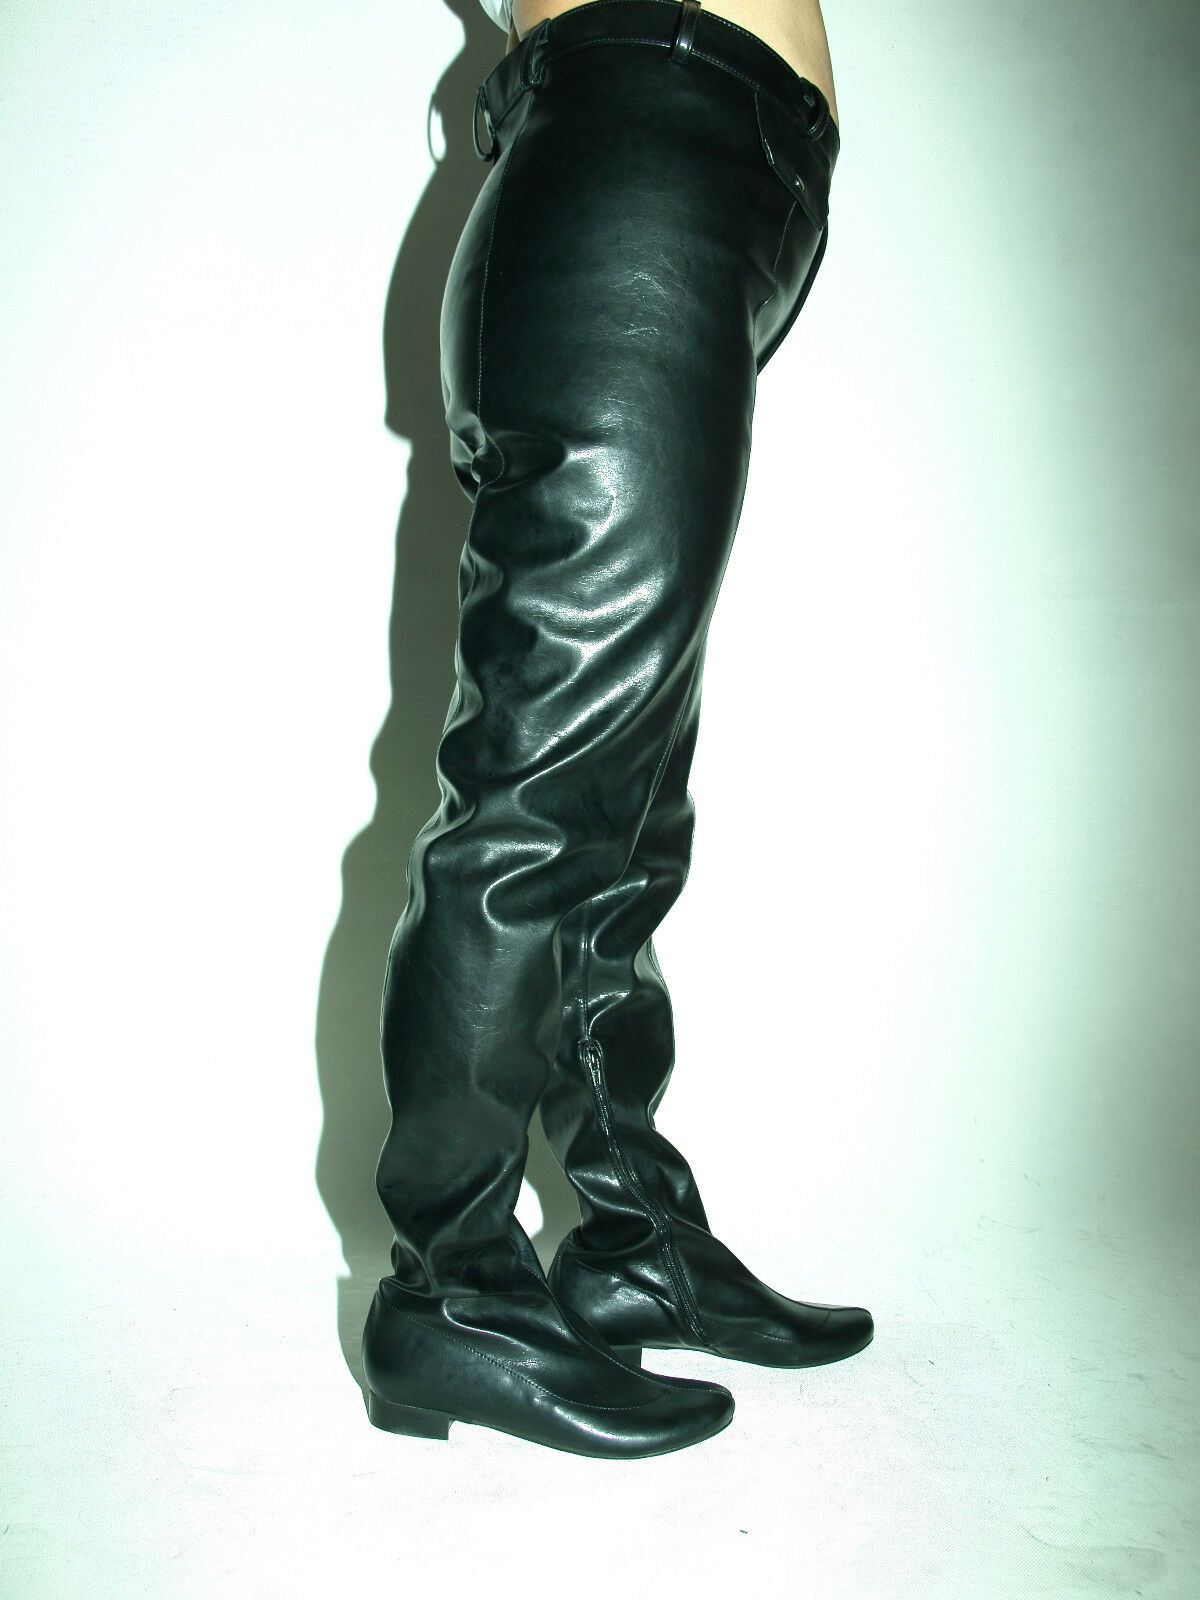 High Heel Hosen-Stiefel Kunstleder 35 36 37 38 39 40 41 42 43 44 45 46 47 *FS1